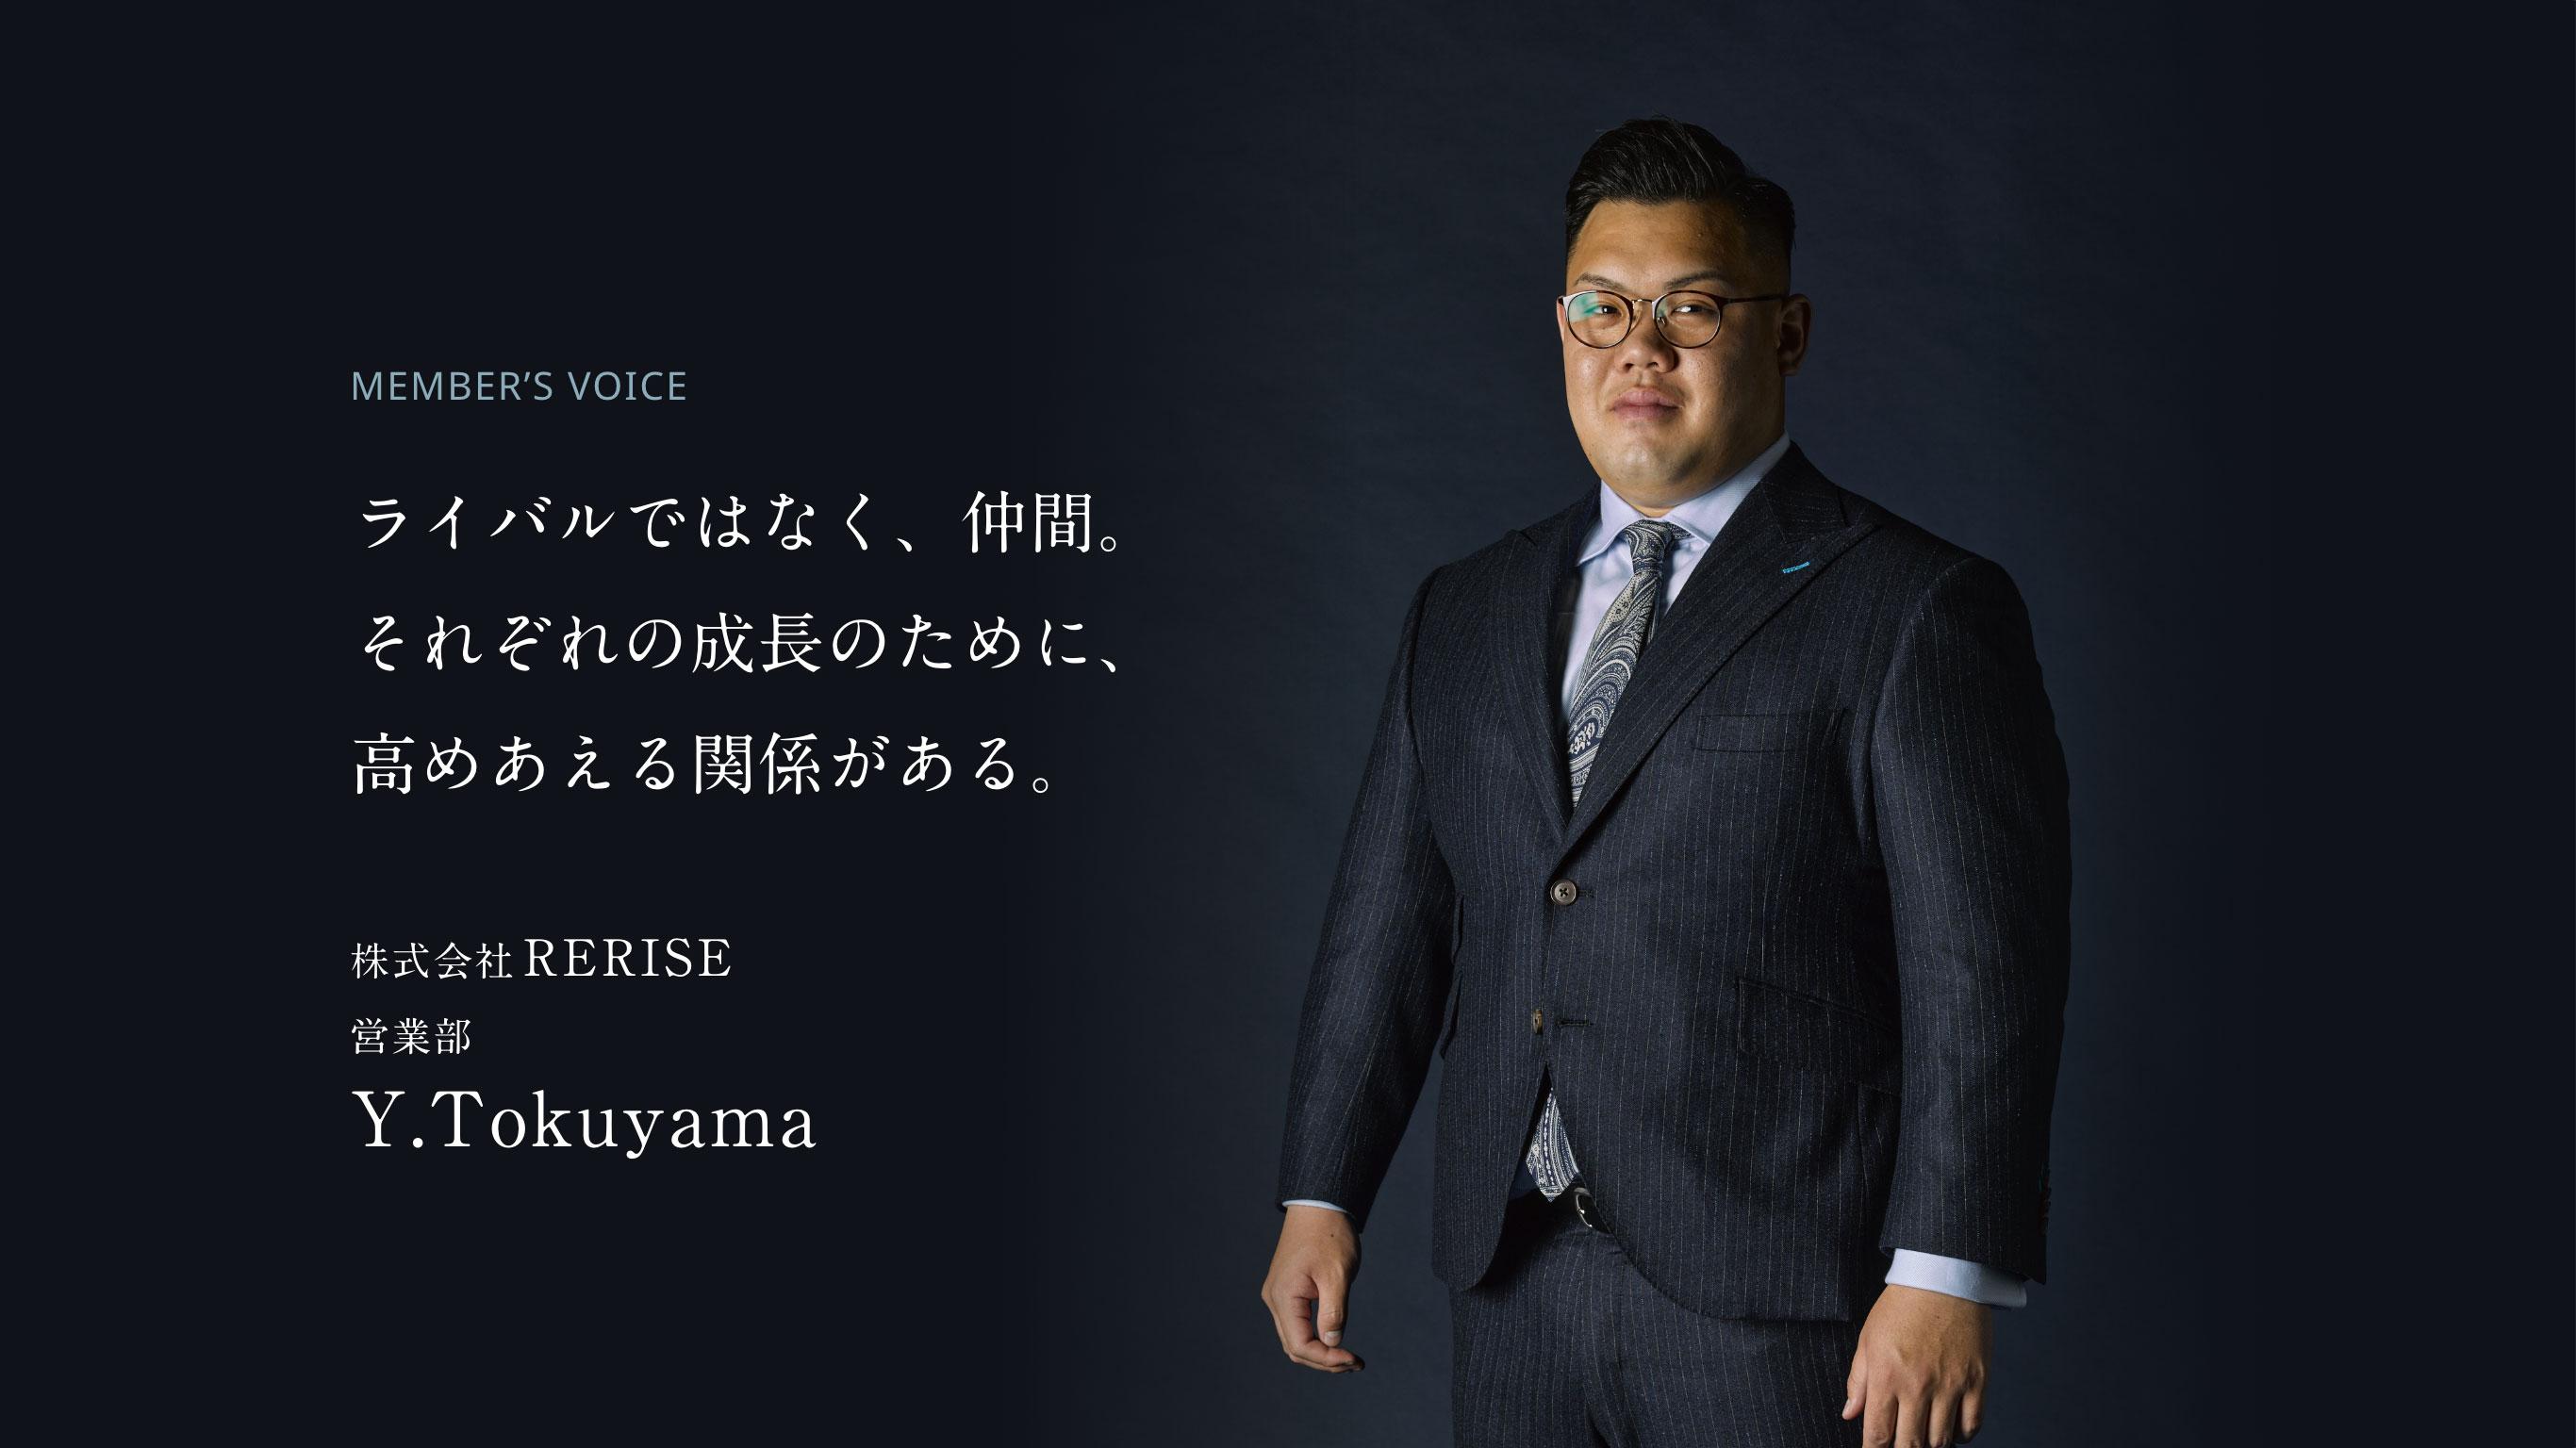 ライバルではなく、仲間。それぞれの成長のために、高めあえる関係がある。 株式会社RERISE 営業部 Y.Tokuyamai